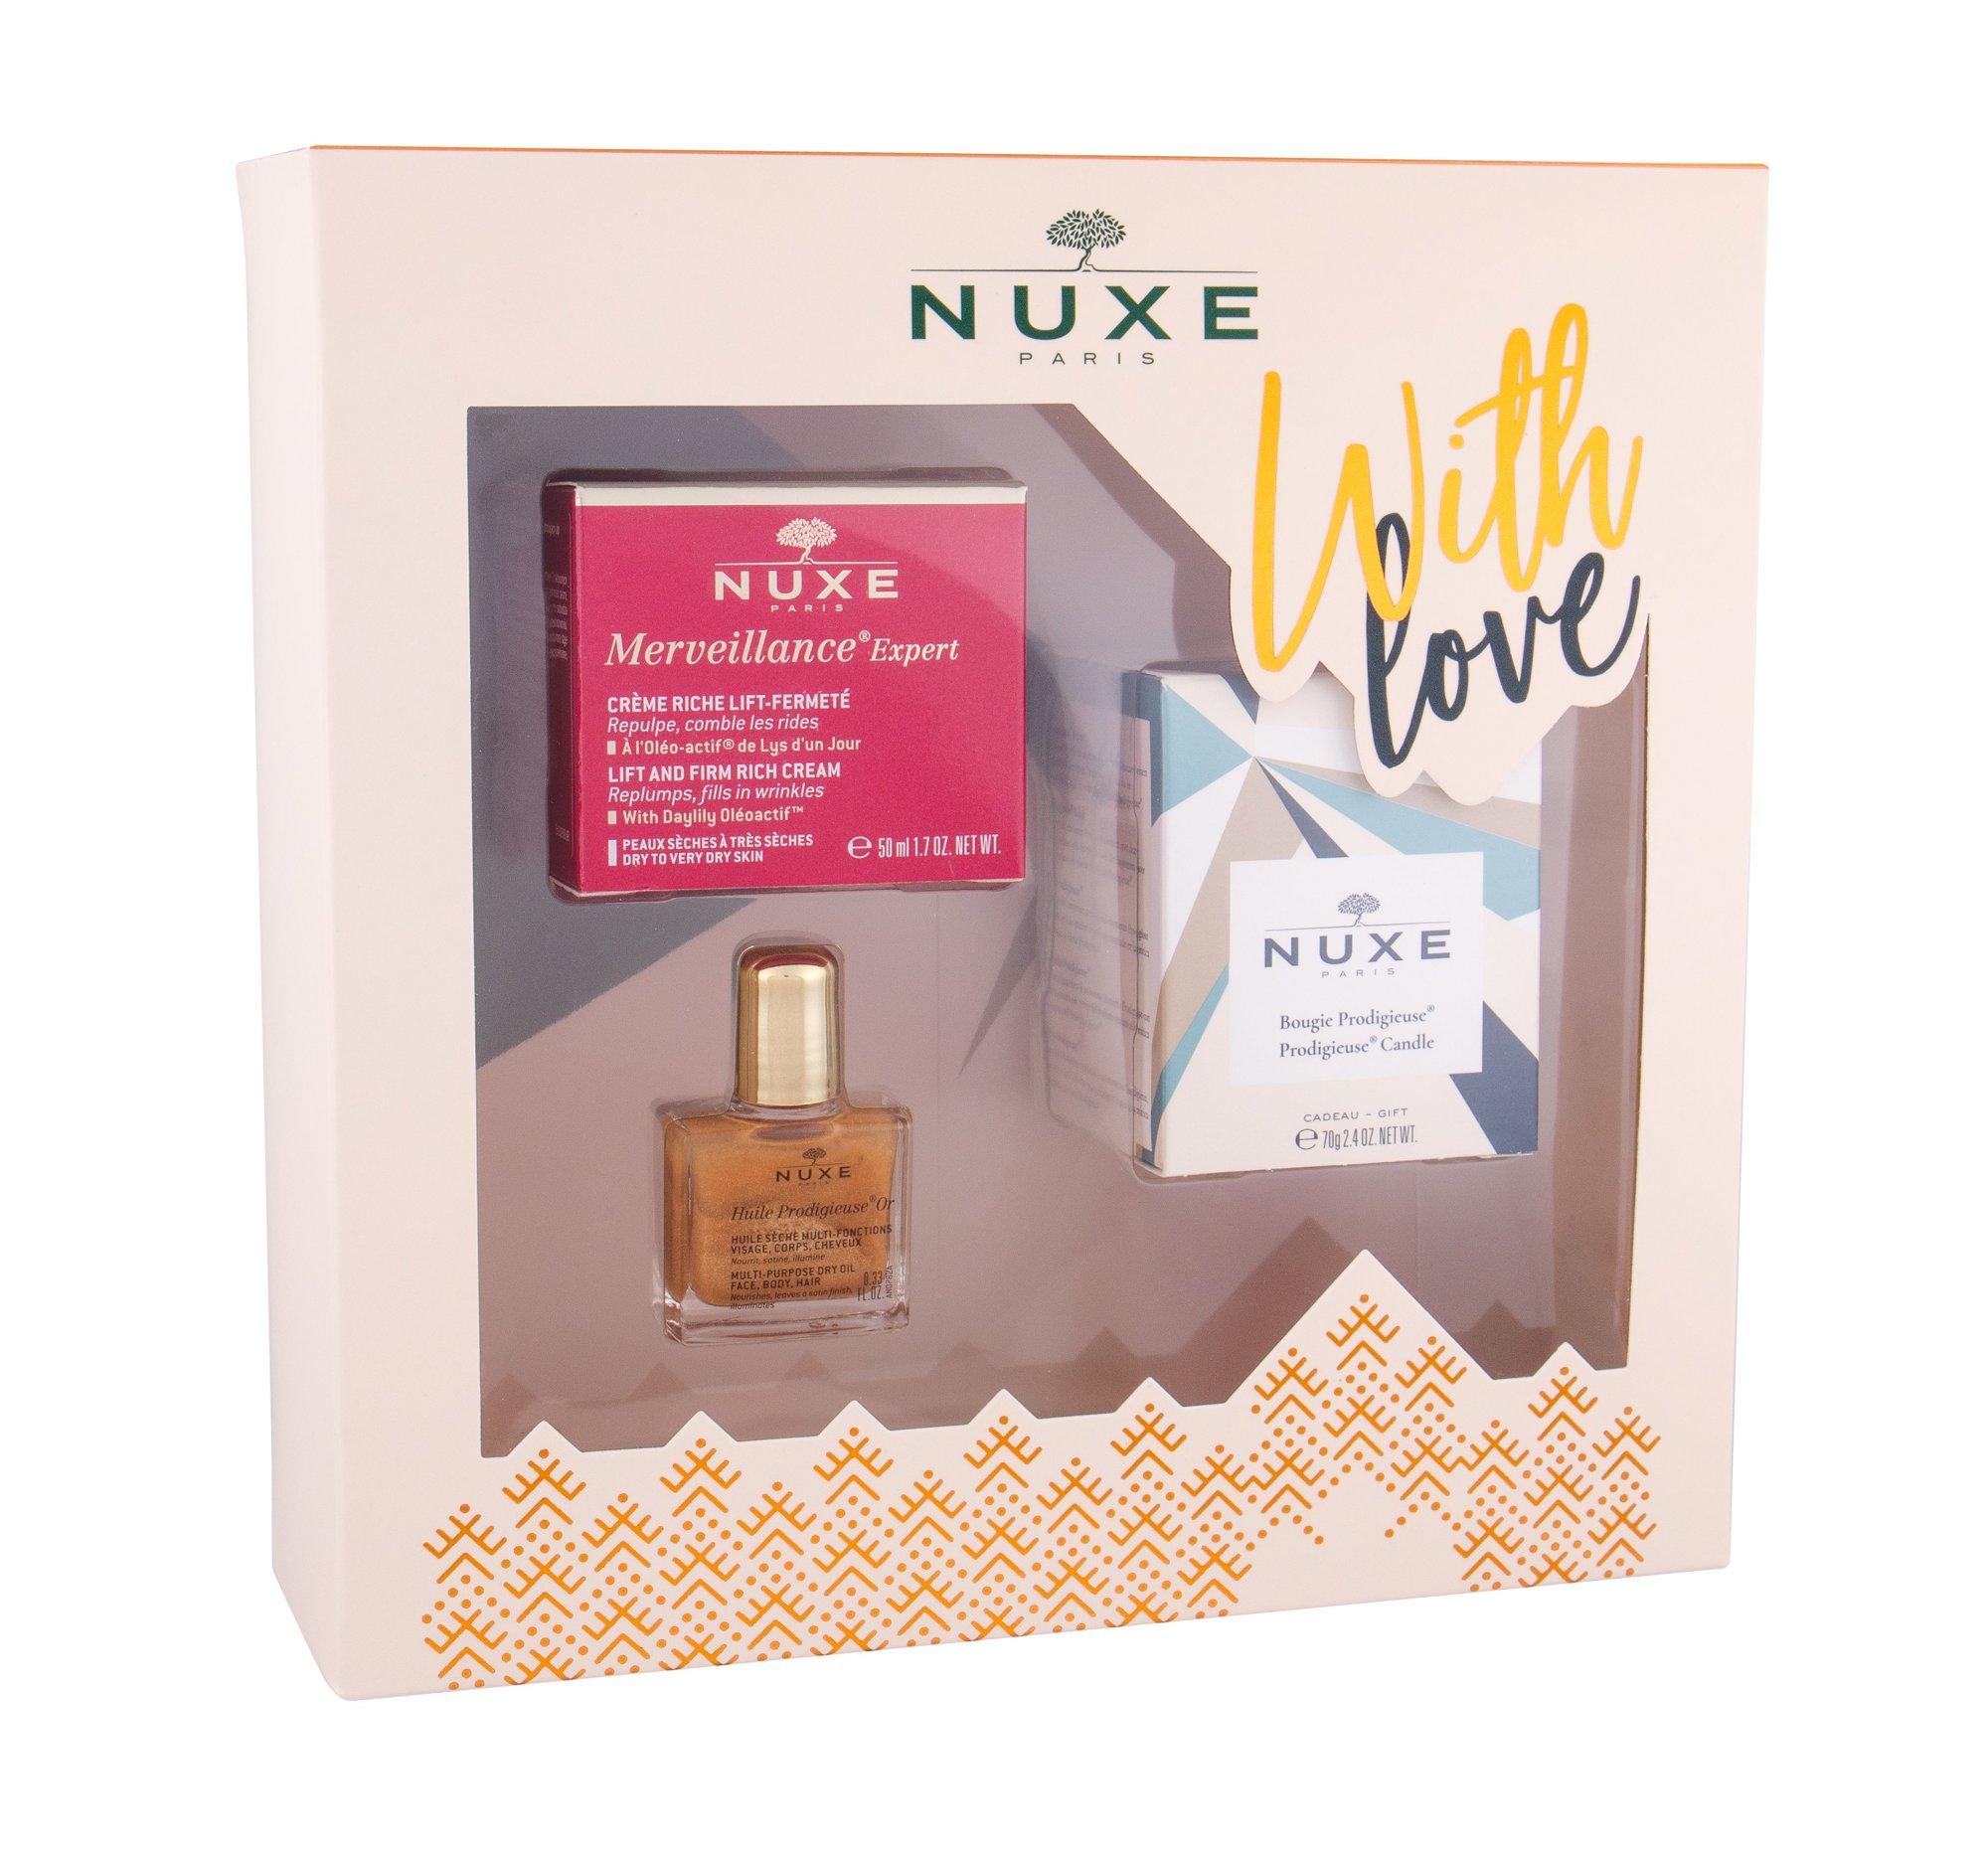 NUXE Merveillance Expert Day Cream 50ml  Lift And Firm